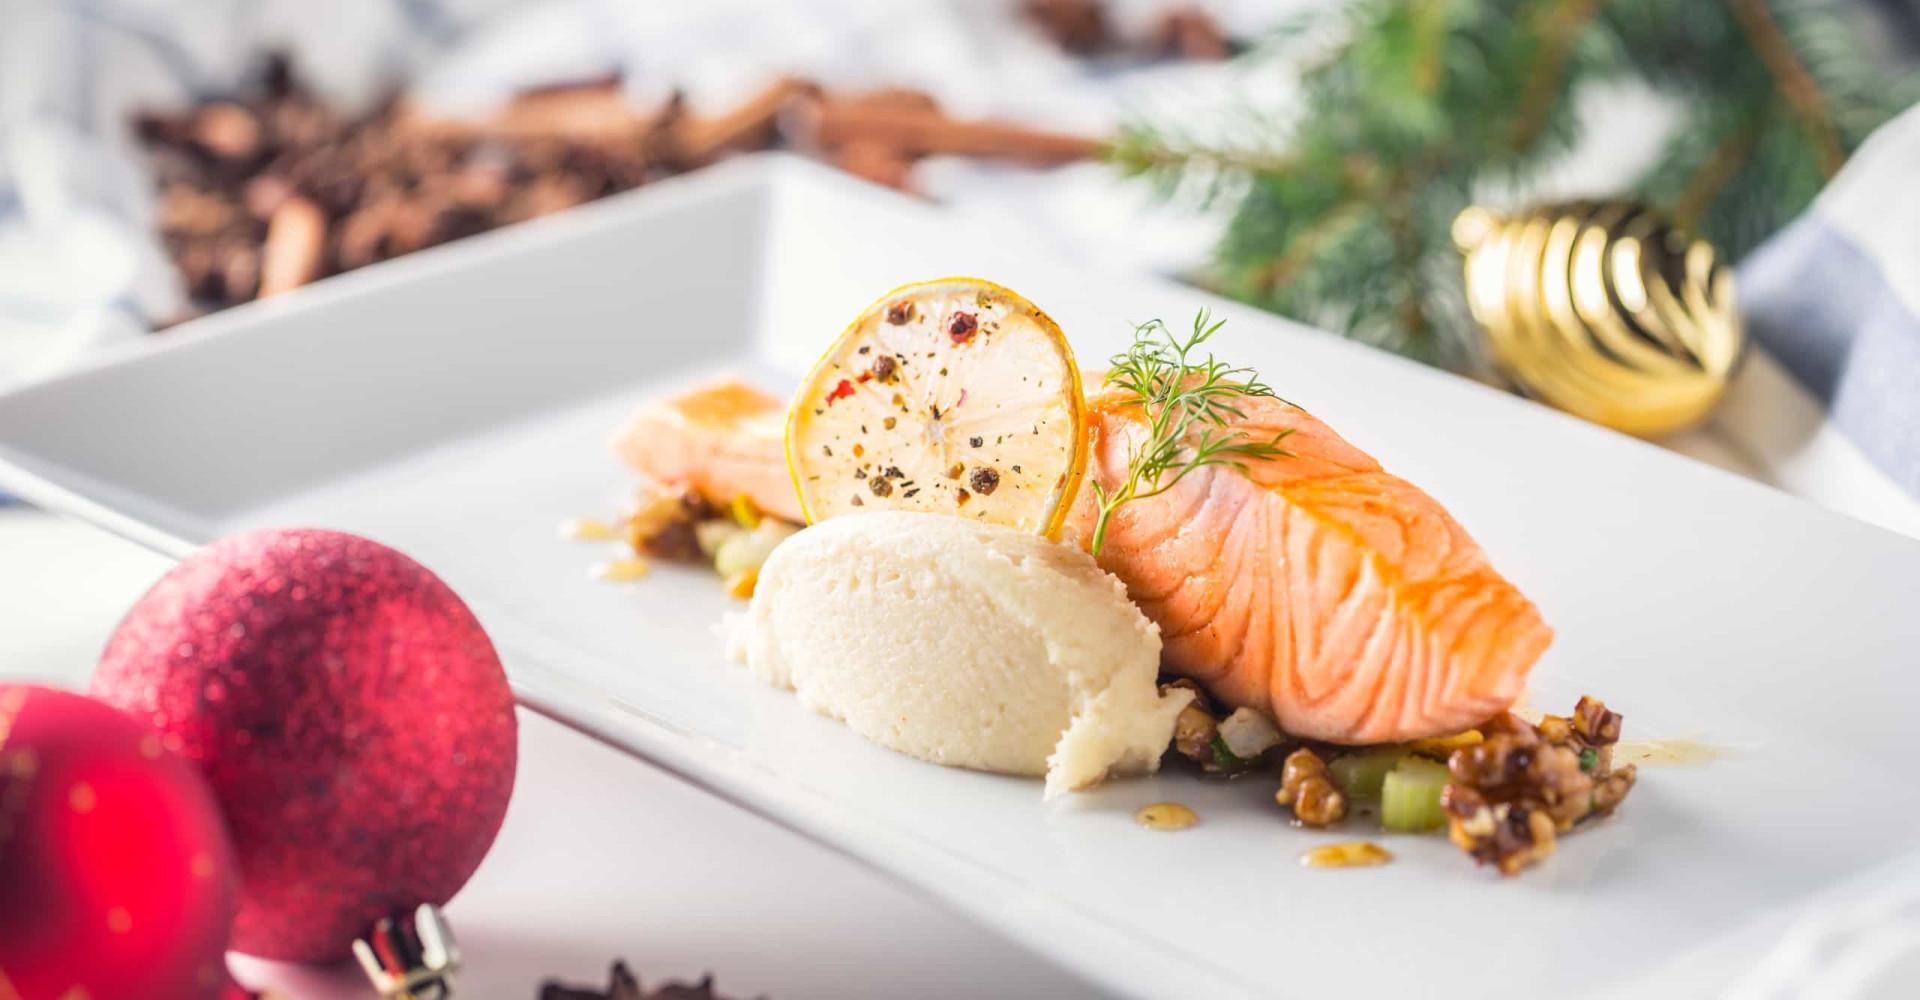 Zo kies je voor duurzame vis bij het kerstdiner